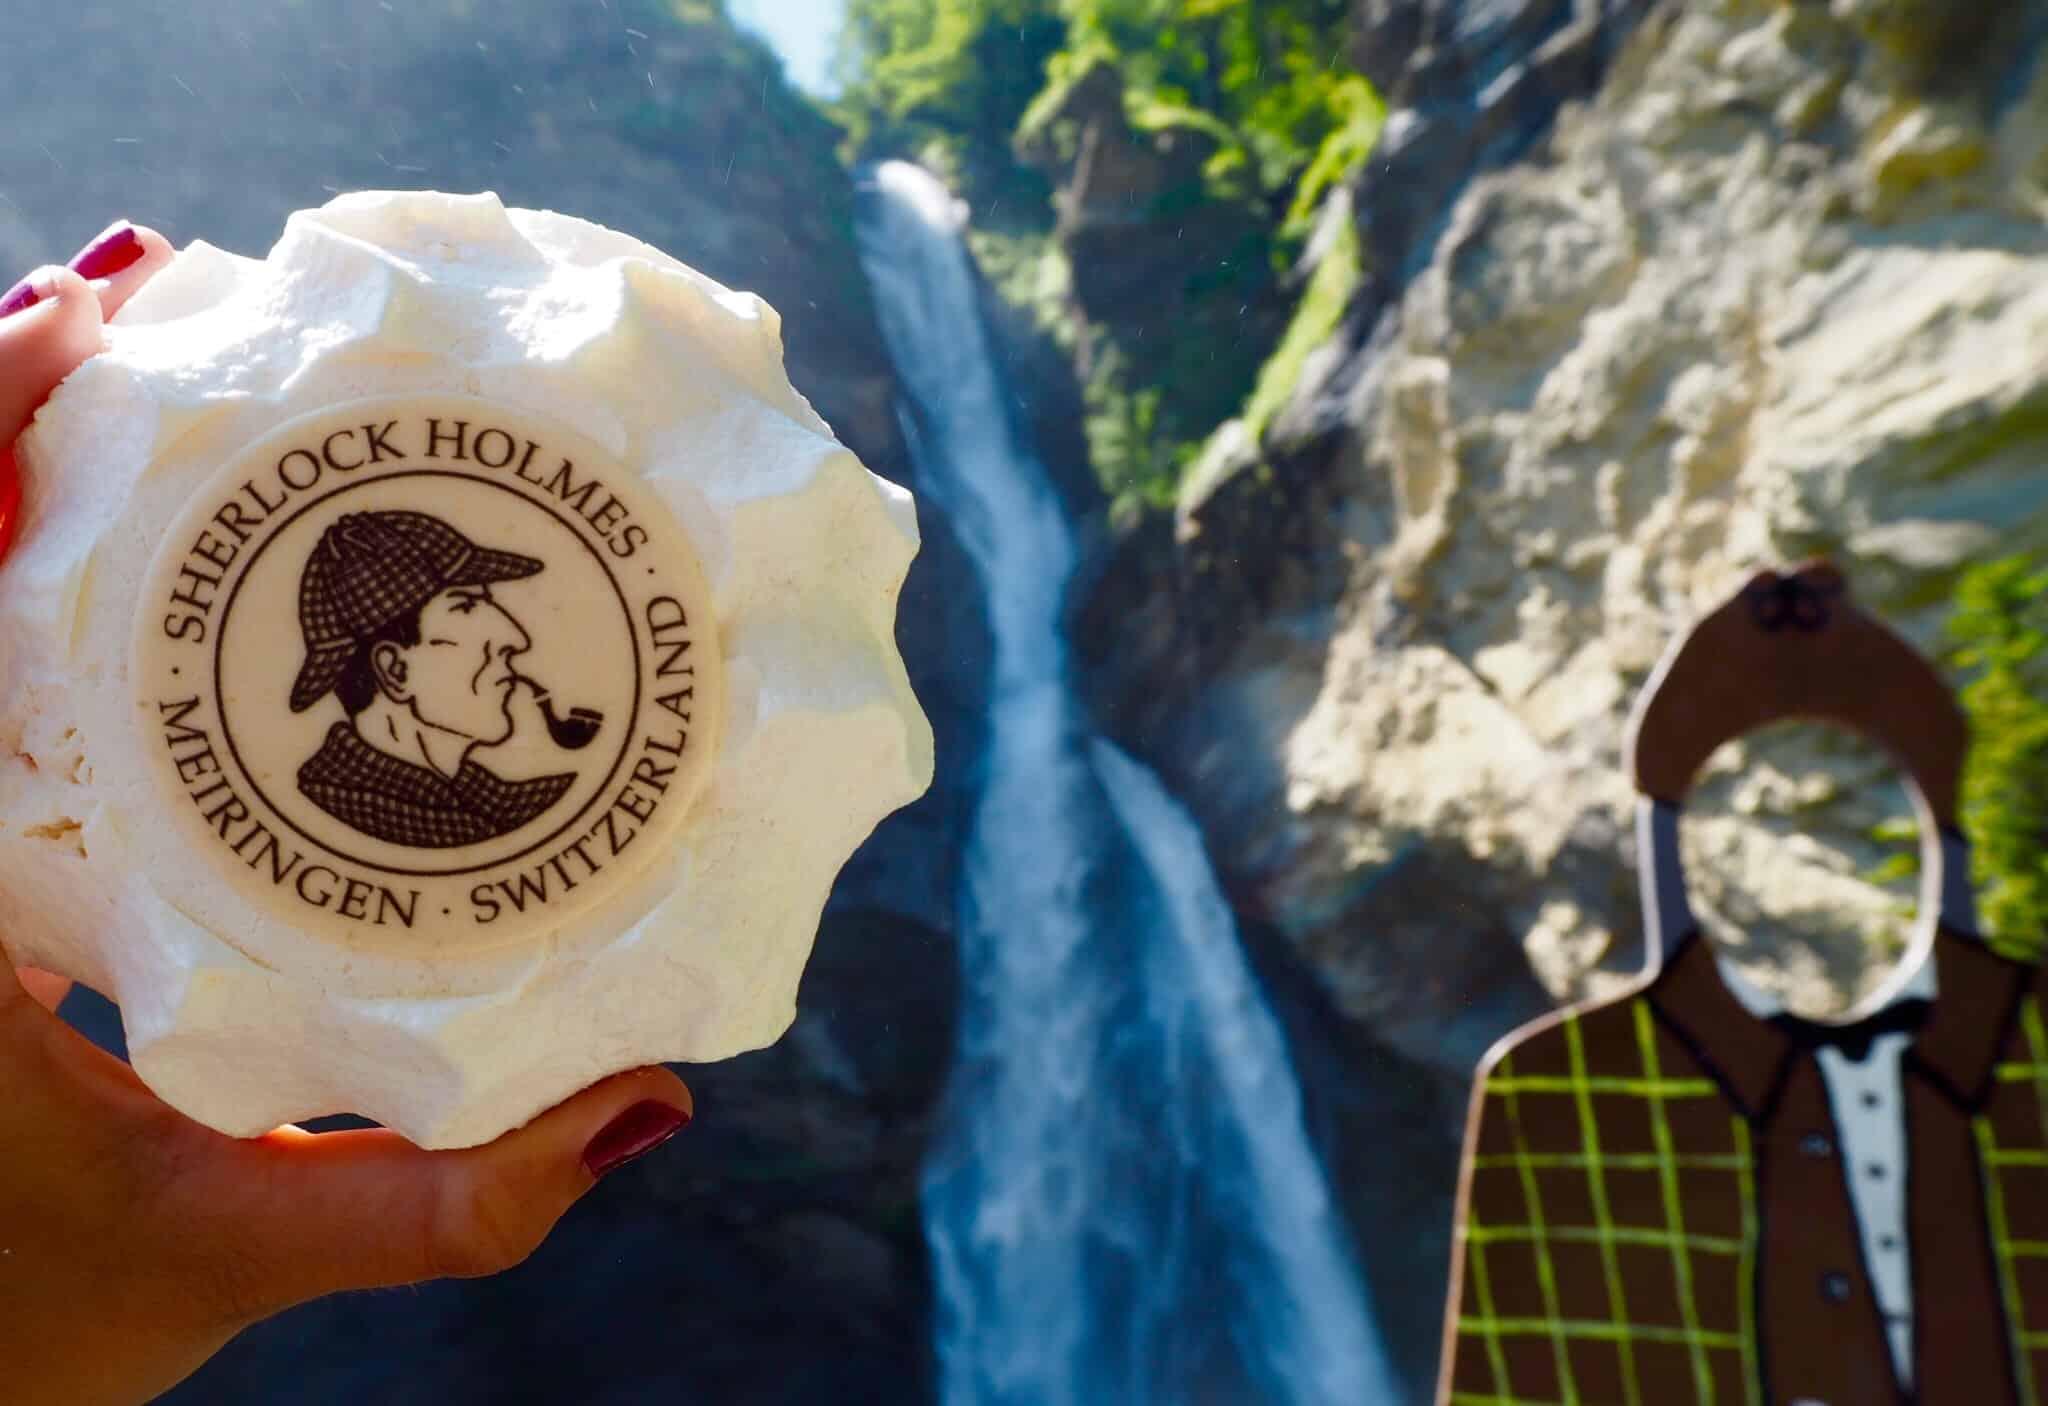 Sherlock Holmes Meringue in Meiringen at the Reichenbach Falls Switzerland